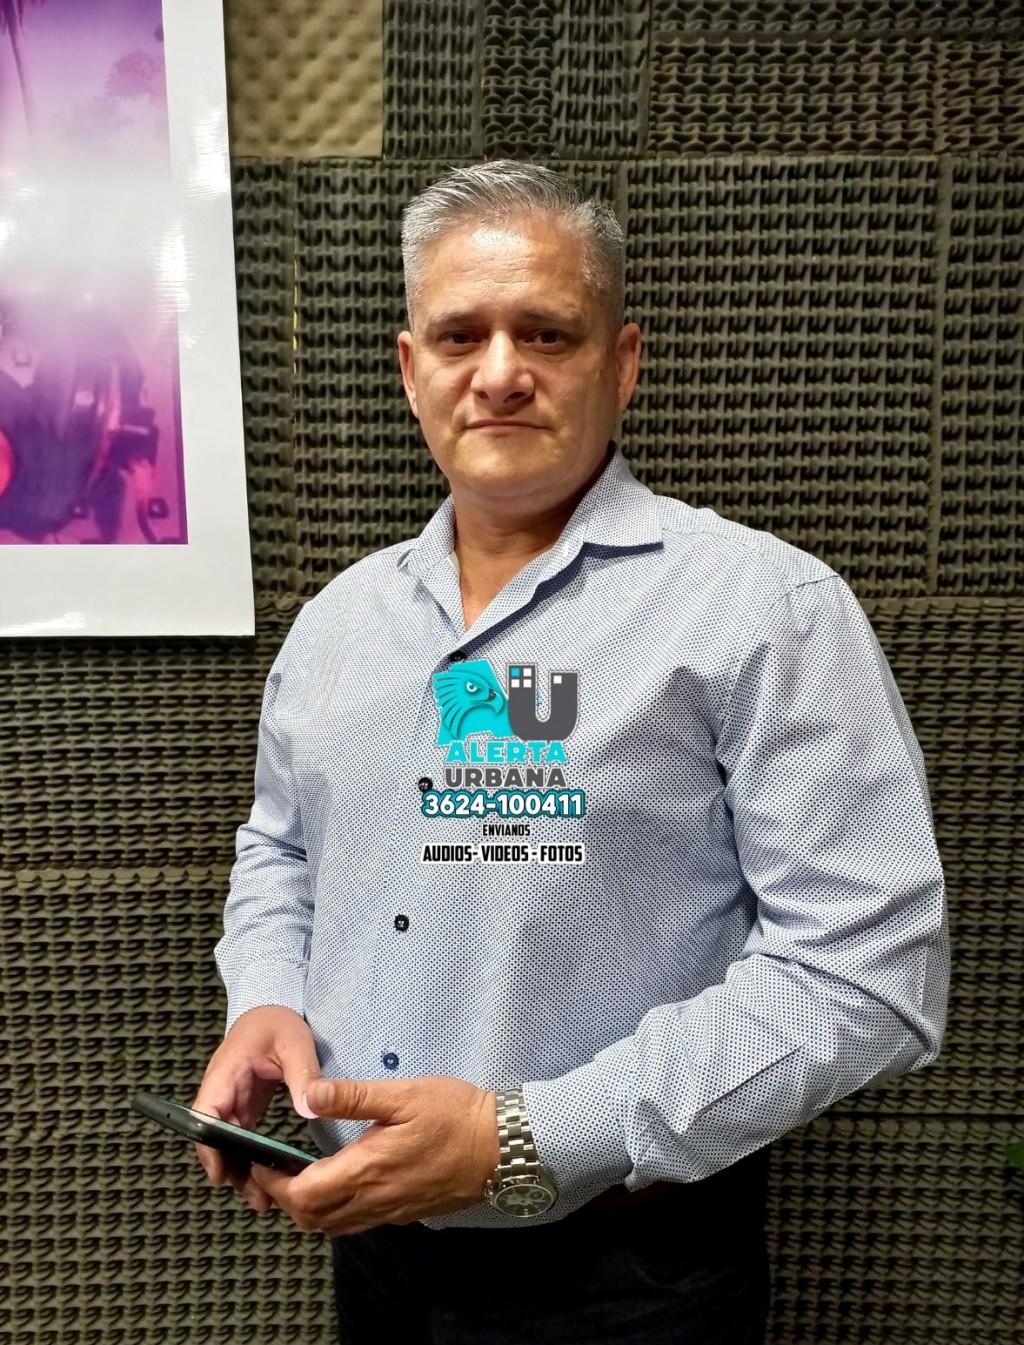 Chaco - Movimientos Sociales: cuando el relato colisiona con la verdad